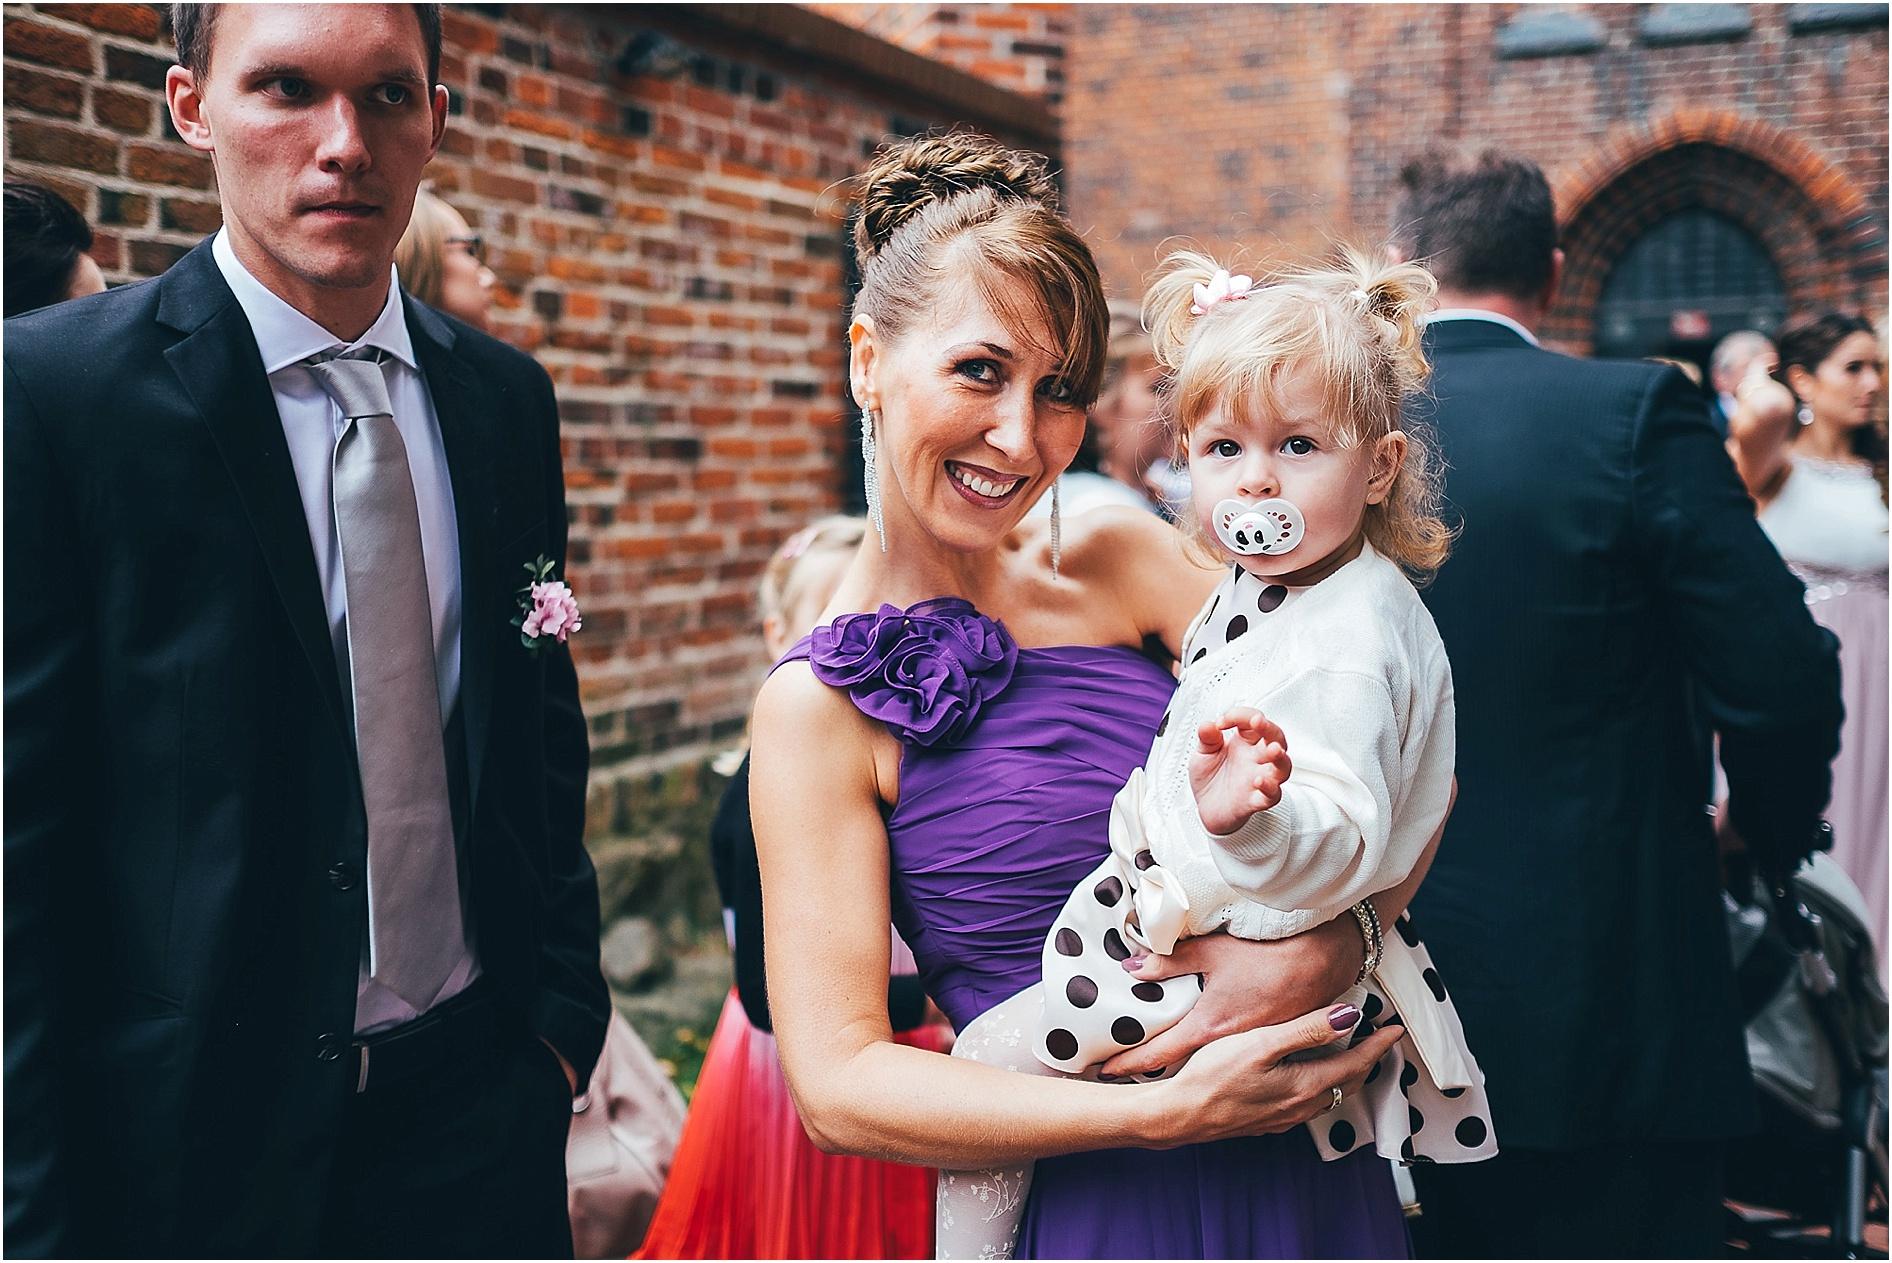 2014-11-20_0046 Lora & Daniel - Als Hochzeitsfotograf in Lüneburg